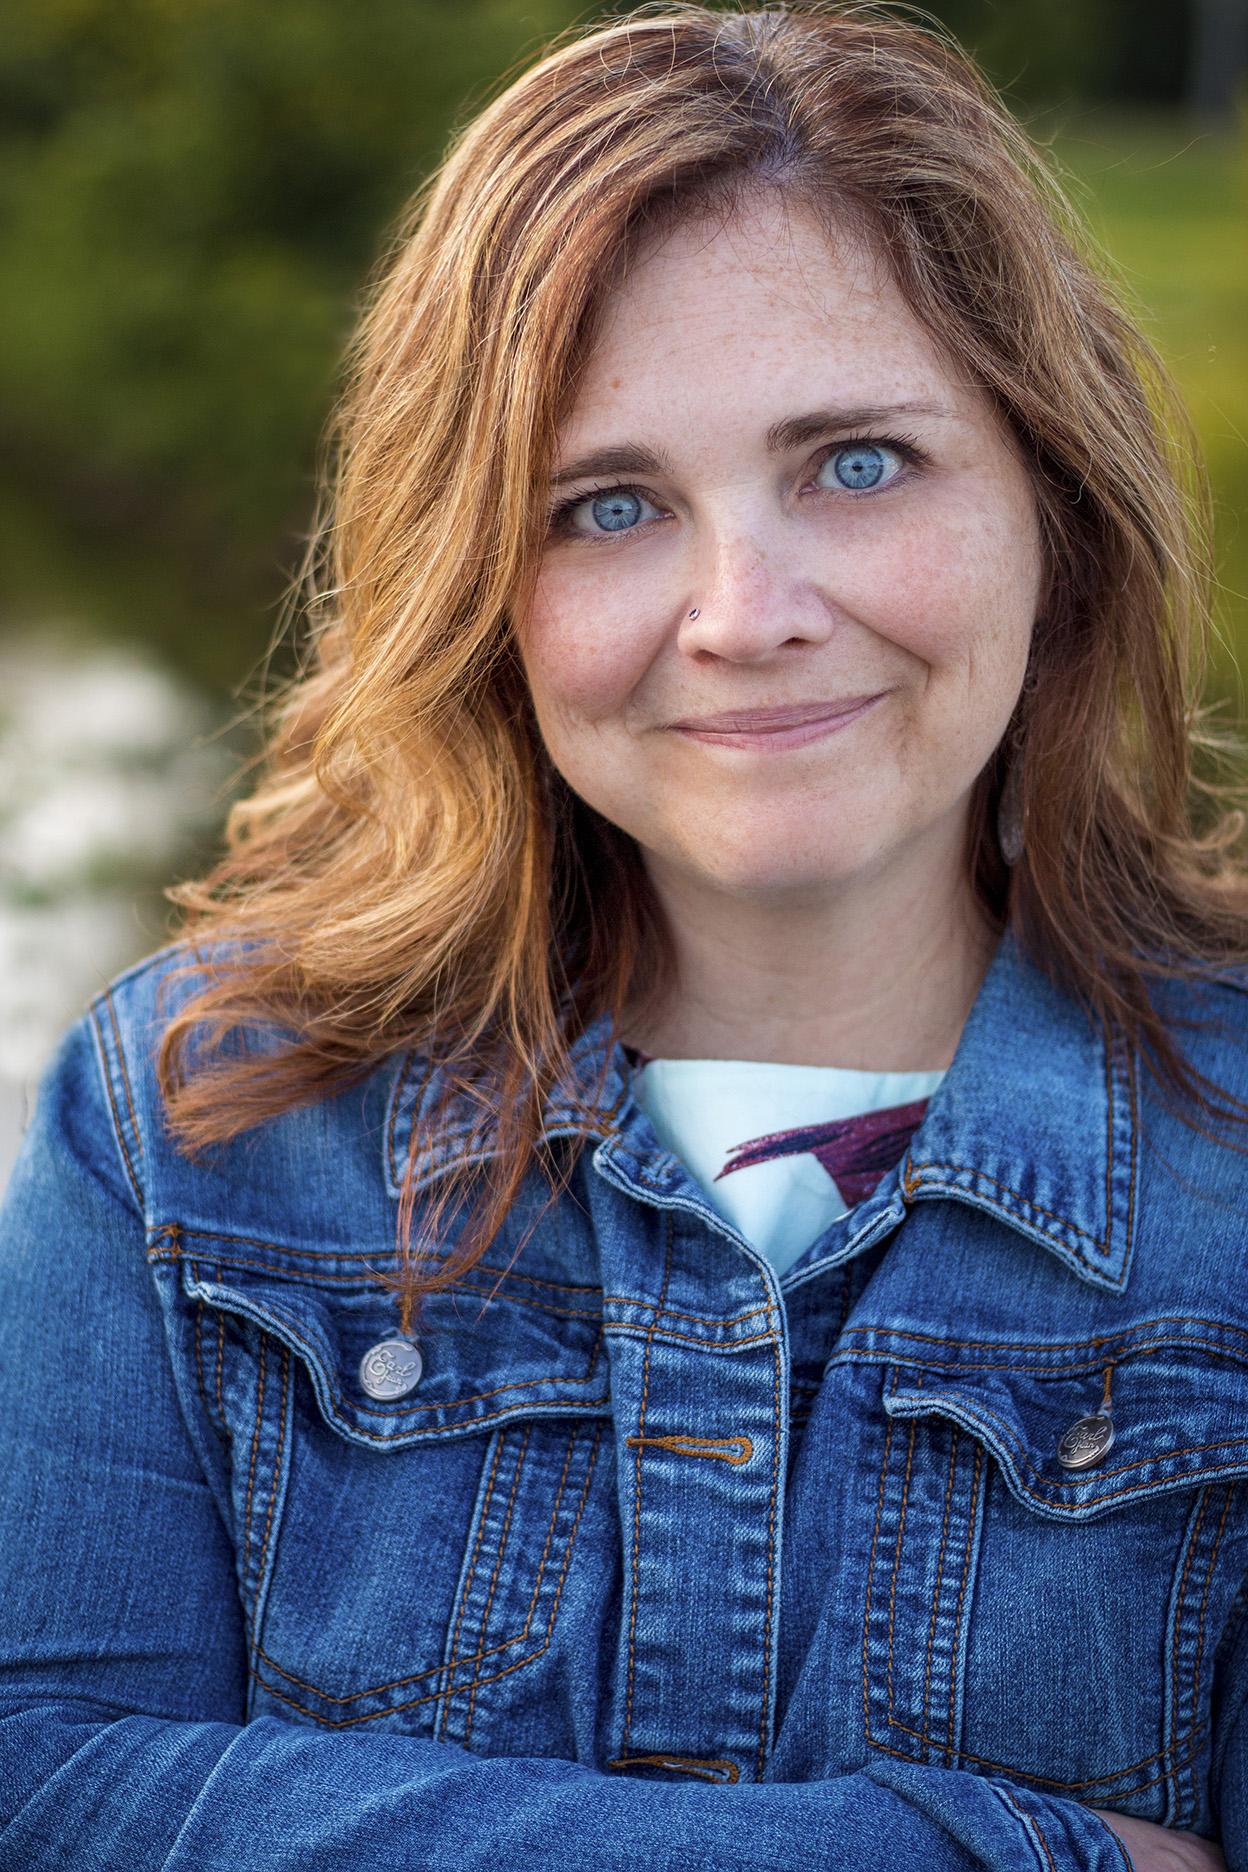 Susie Finkbeiner